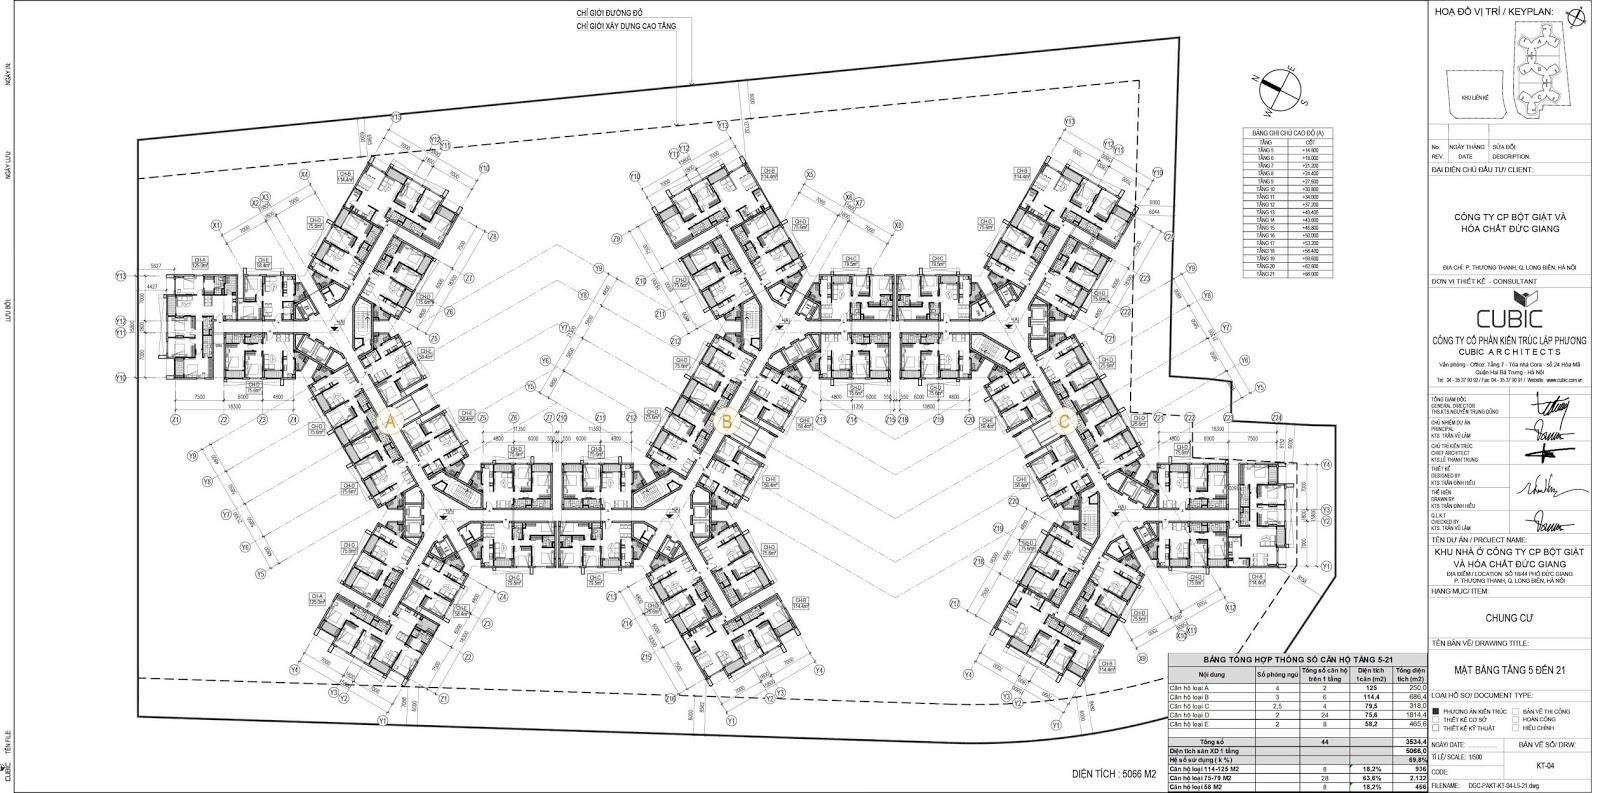 Thiết kế căn hộ nhà ở Hóa Chất Đức Giang.